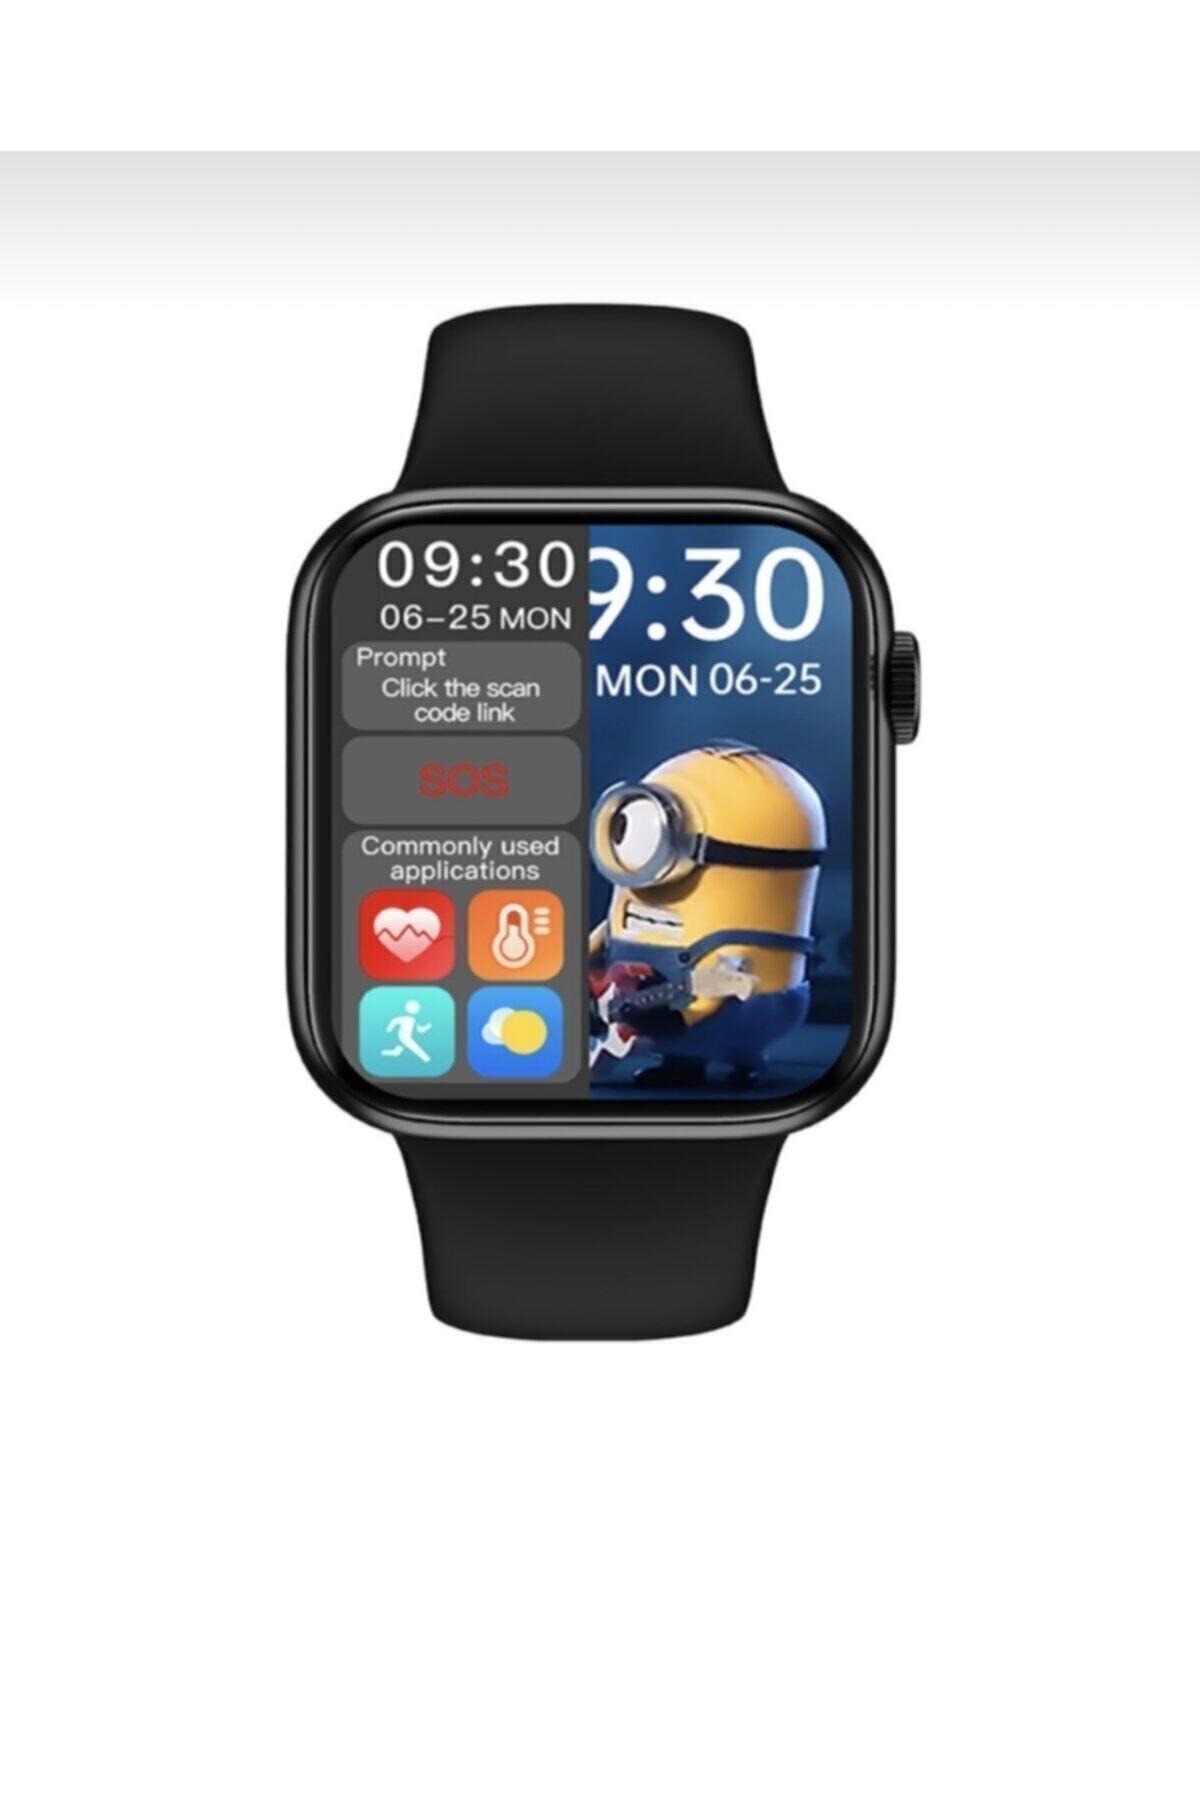 SmartWatch Hw16 Smart Watch 6 Akıllı Saat Tam Ekran 2' Ye Bölme Yan Tuş Aktif 44mm Arama Cevaplama 1